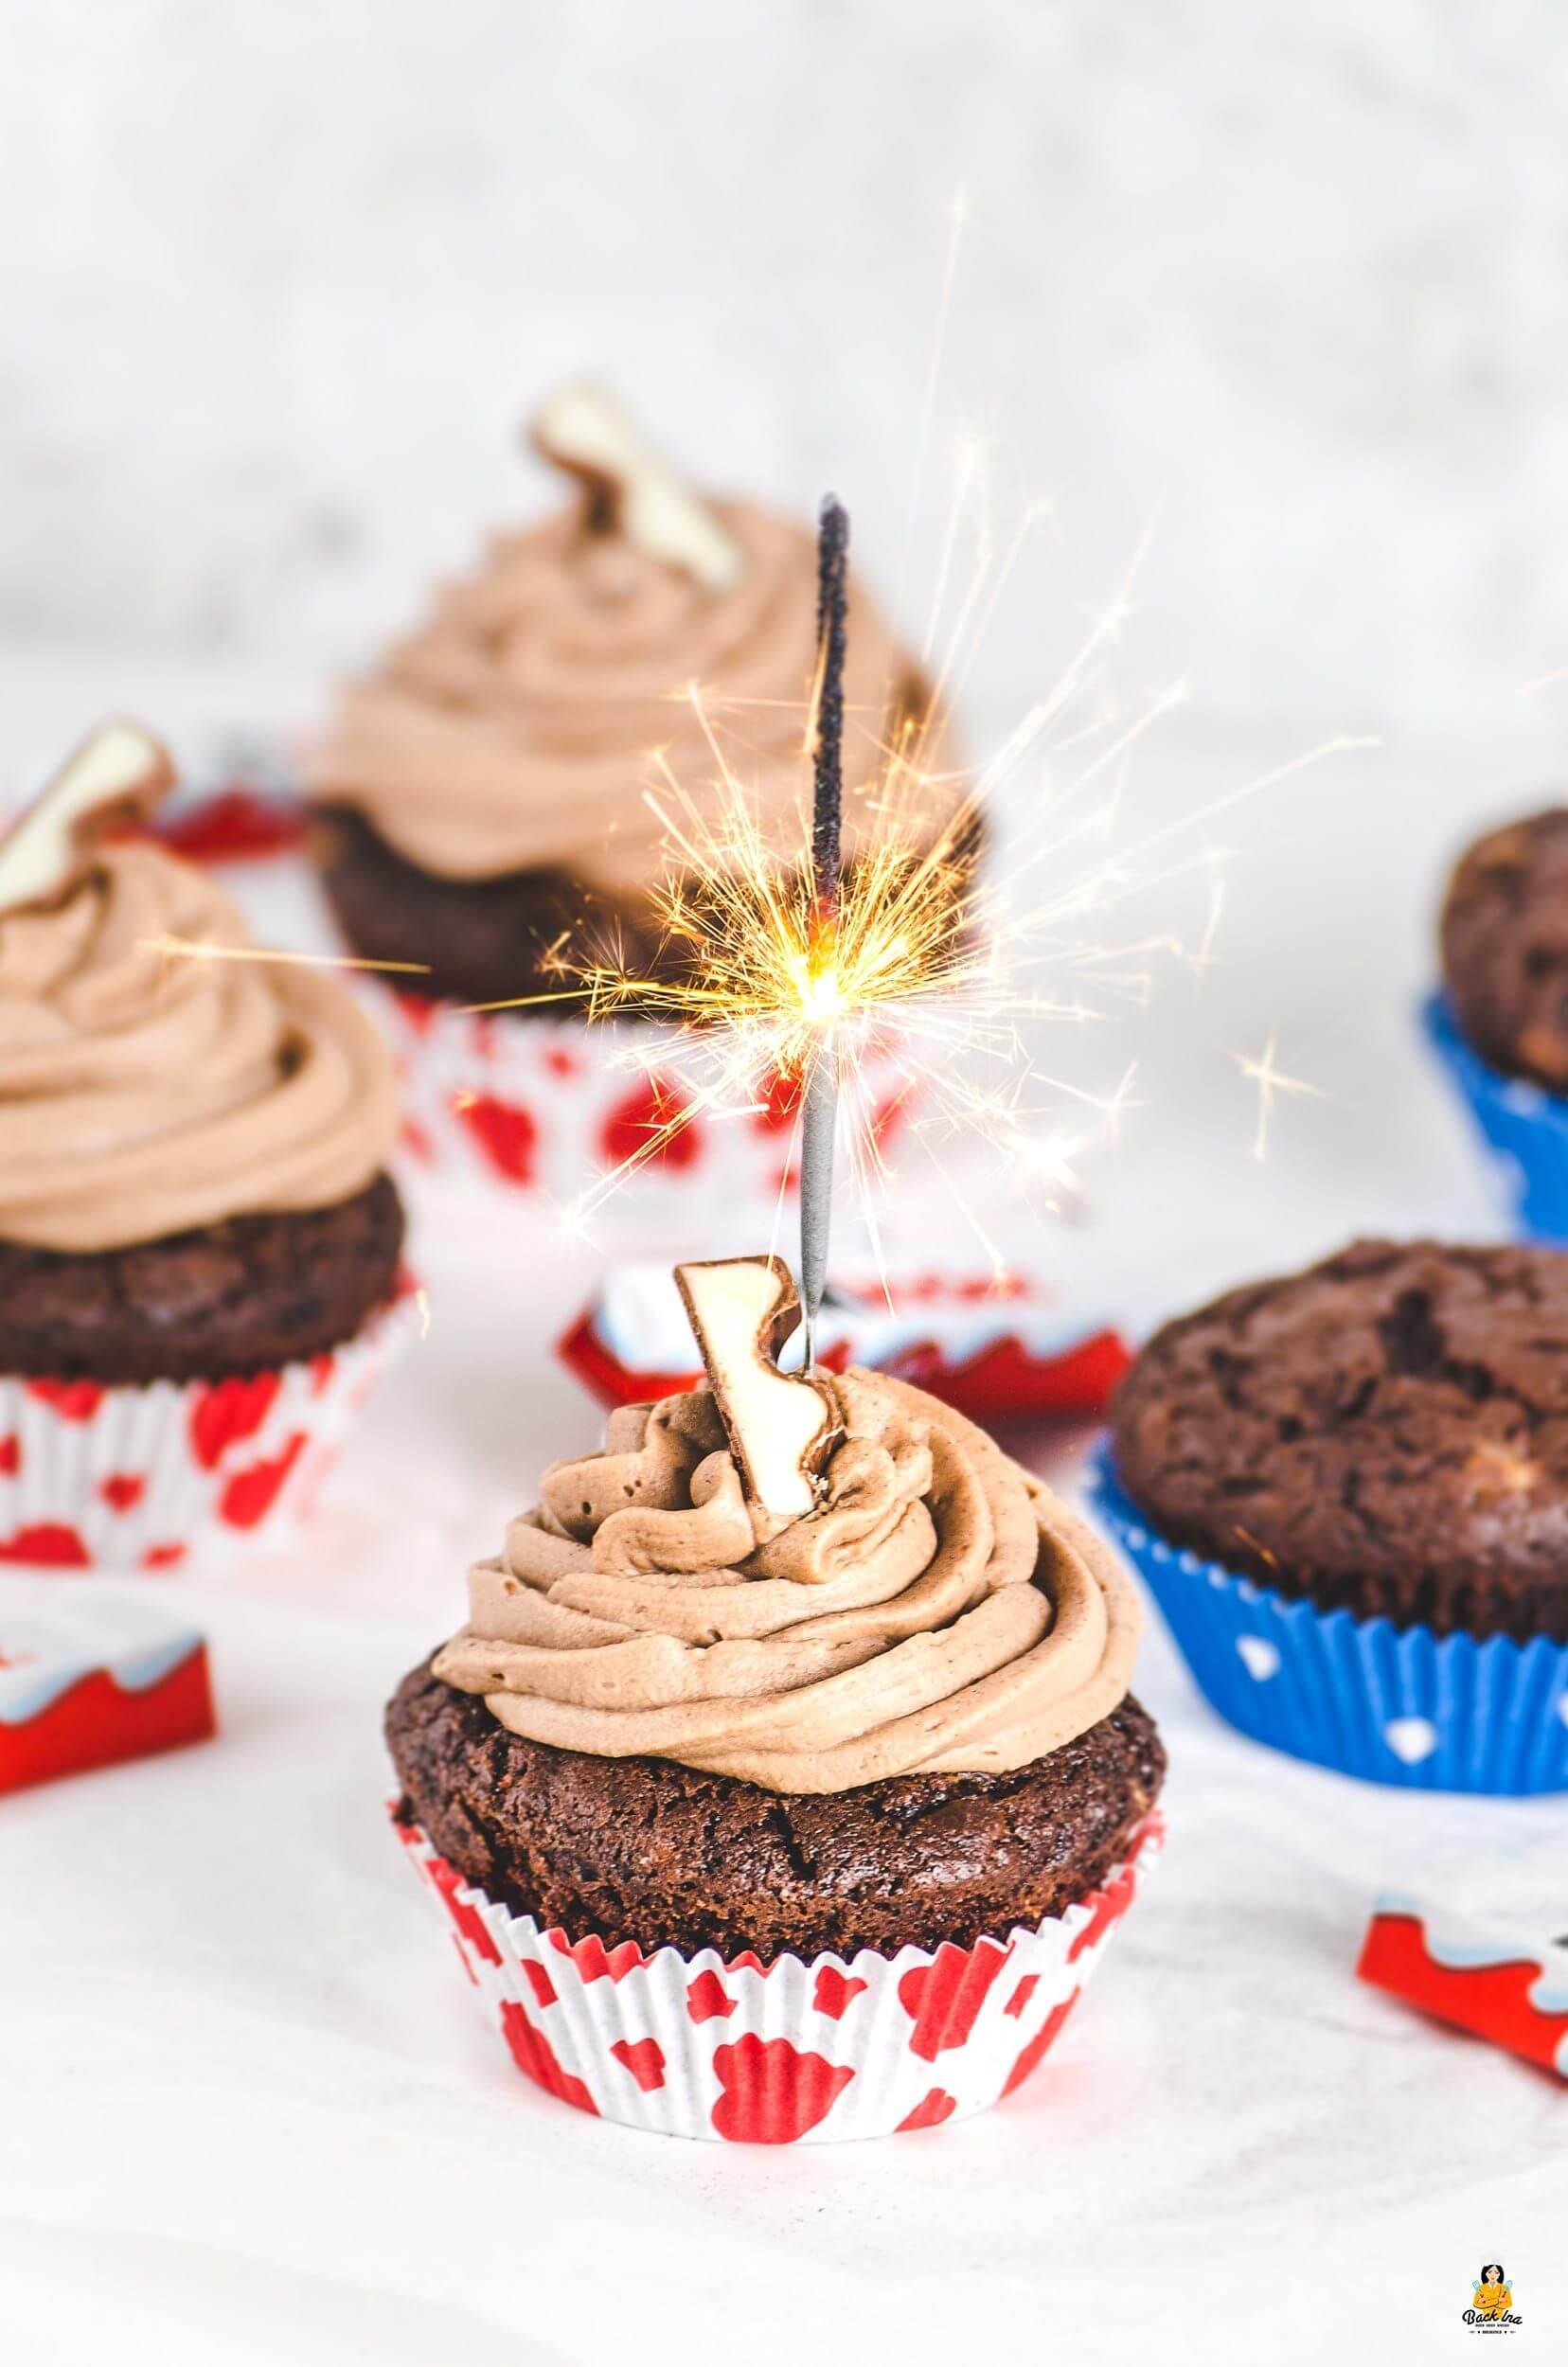 Kindheitserinnerungen: kinder Schokolade Muffins und Cupcakes